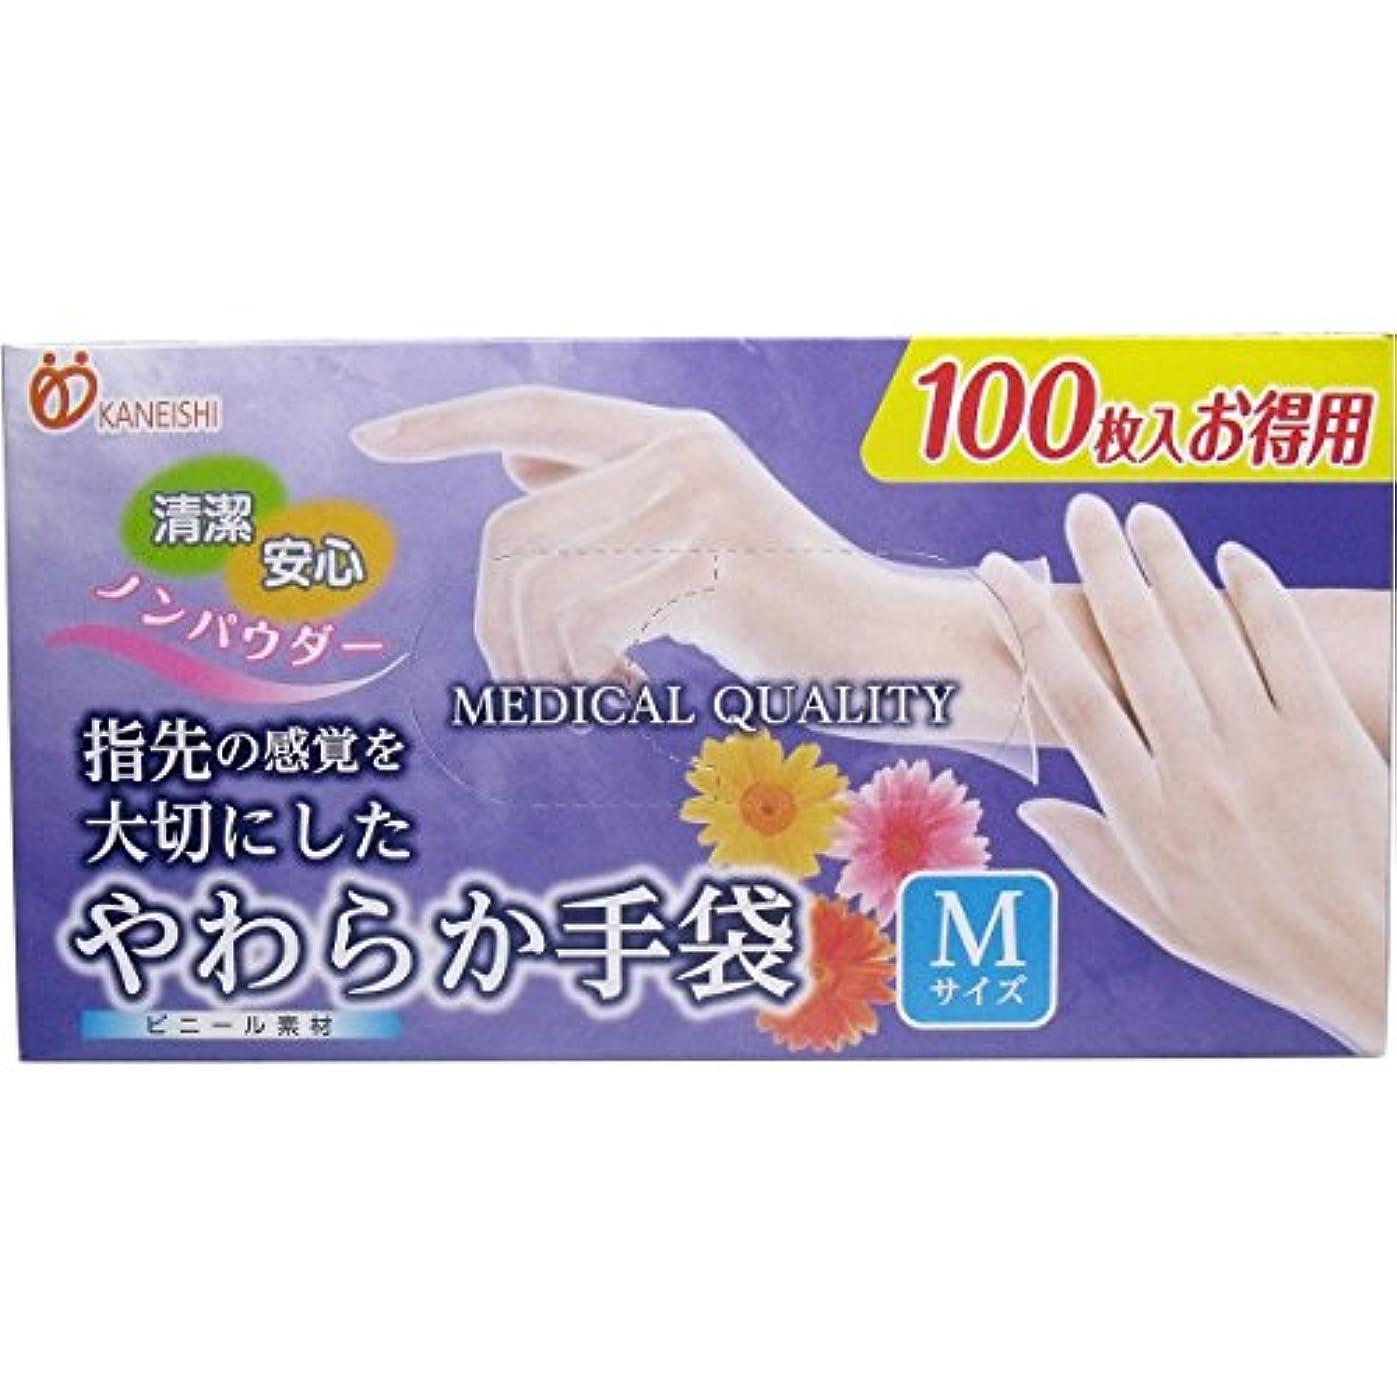 に頼る敷居受け入れやわらか手袋 ビニール素材 Mサイズ 100枚入x4